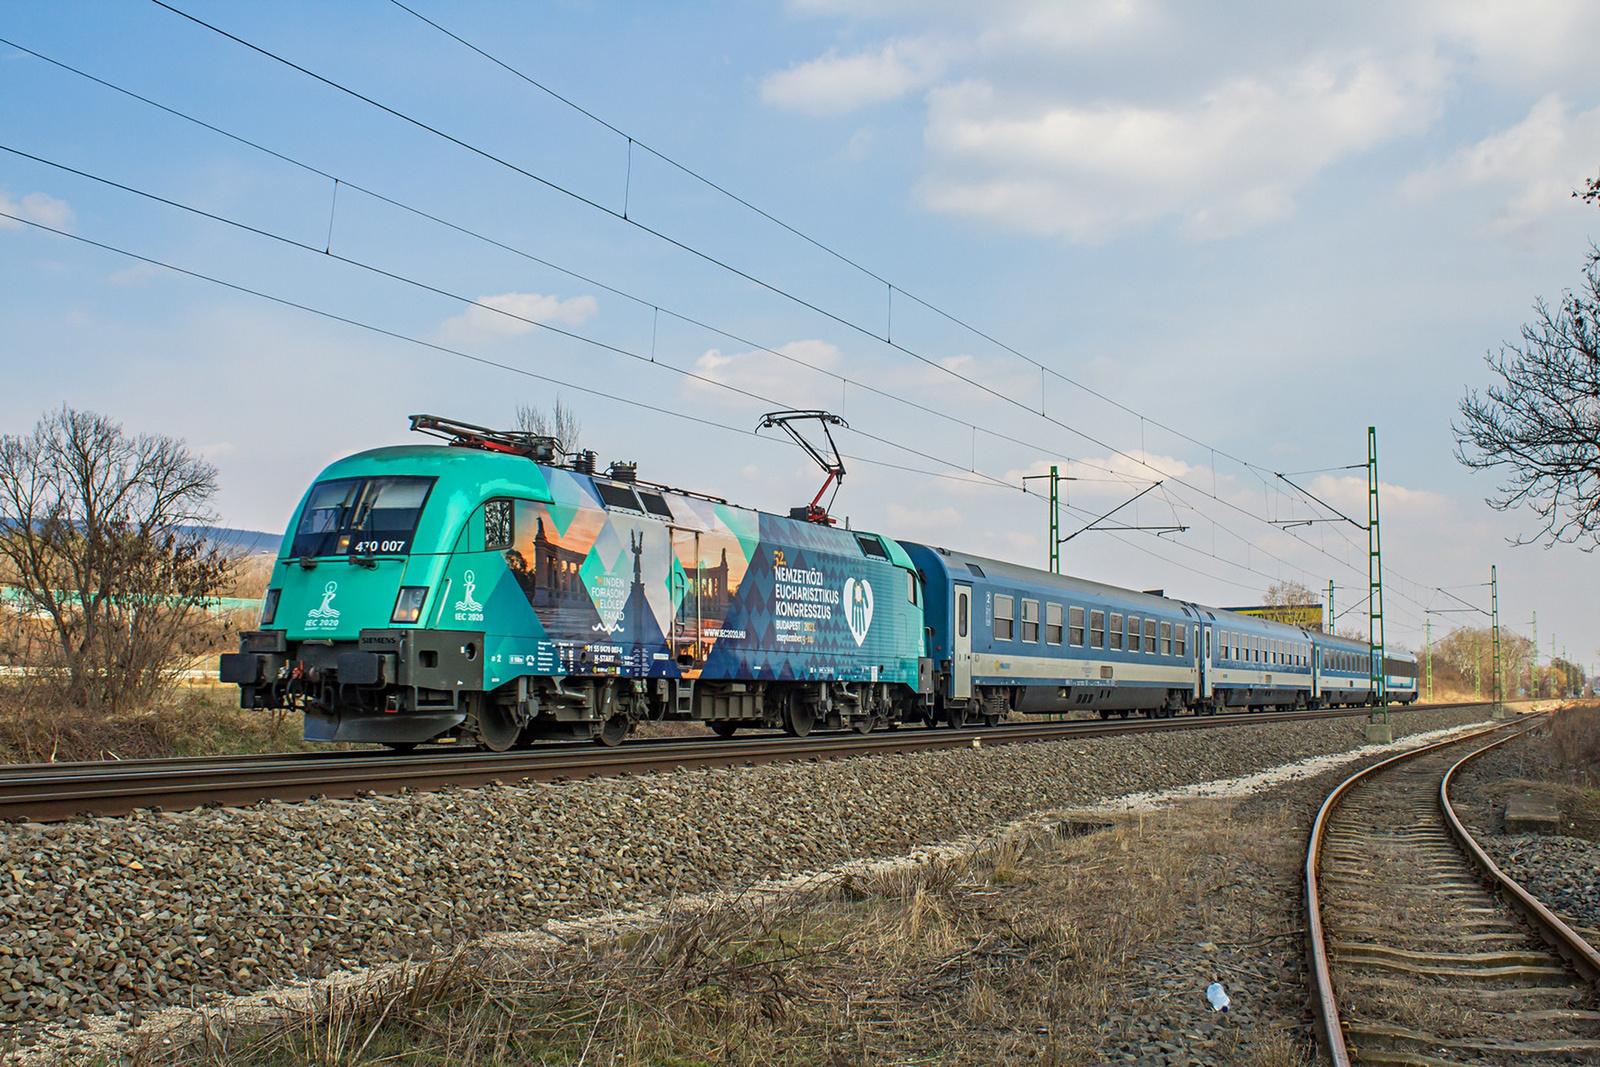 470 007 Budaörs (2021.03.10).